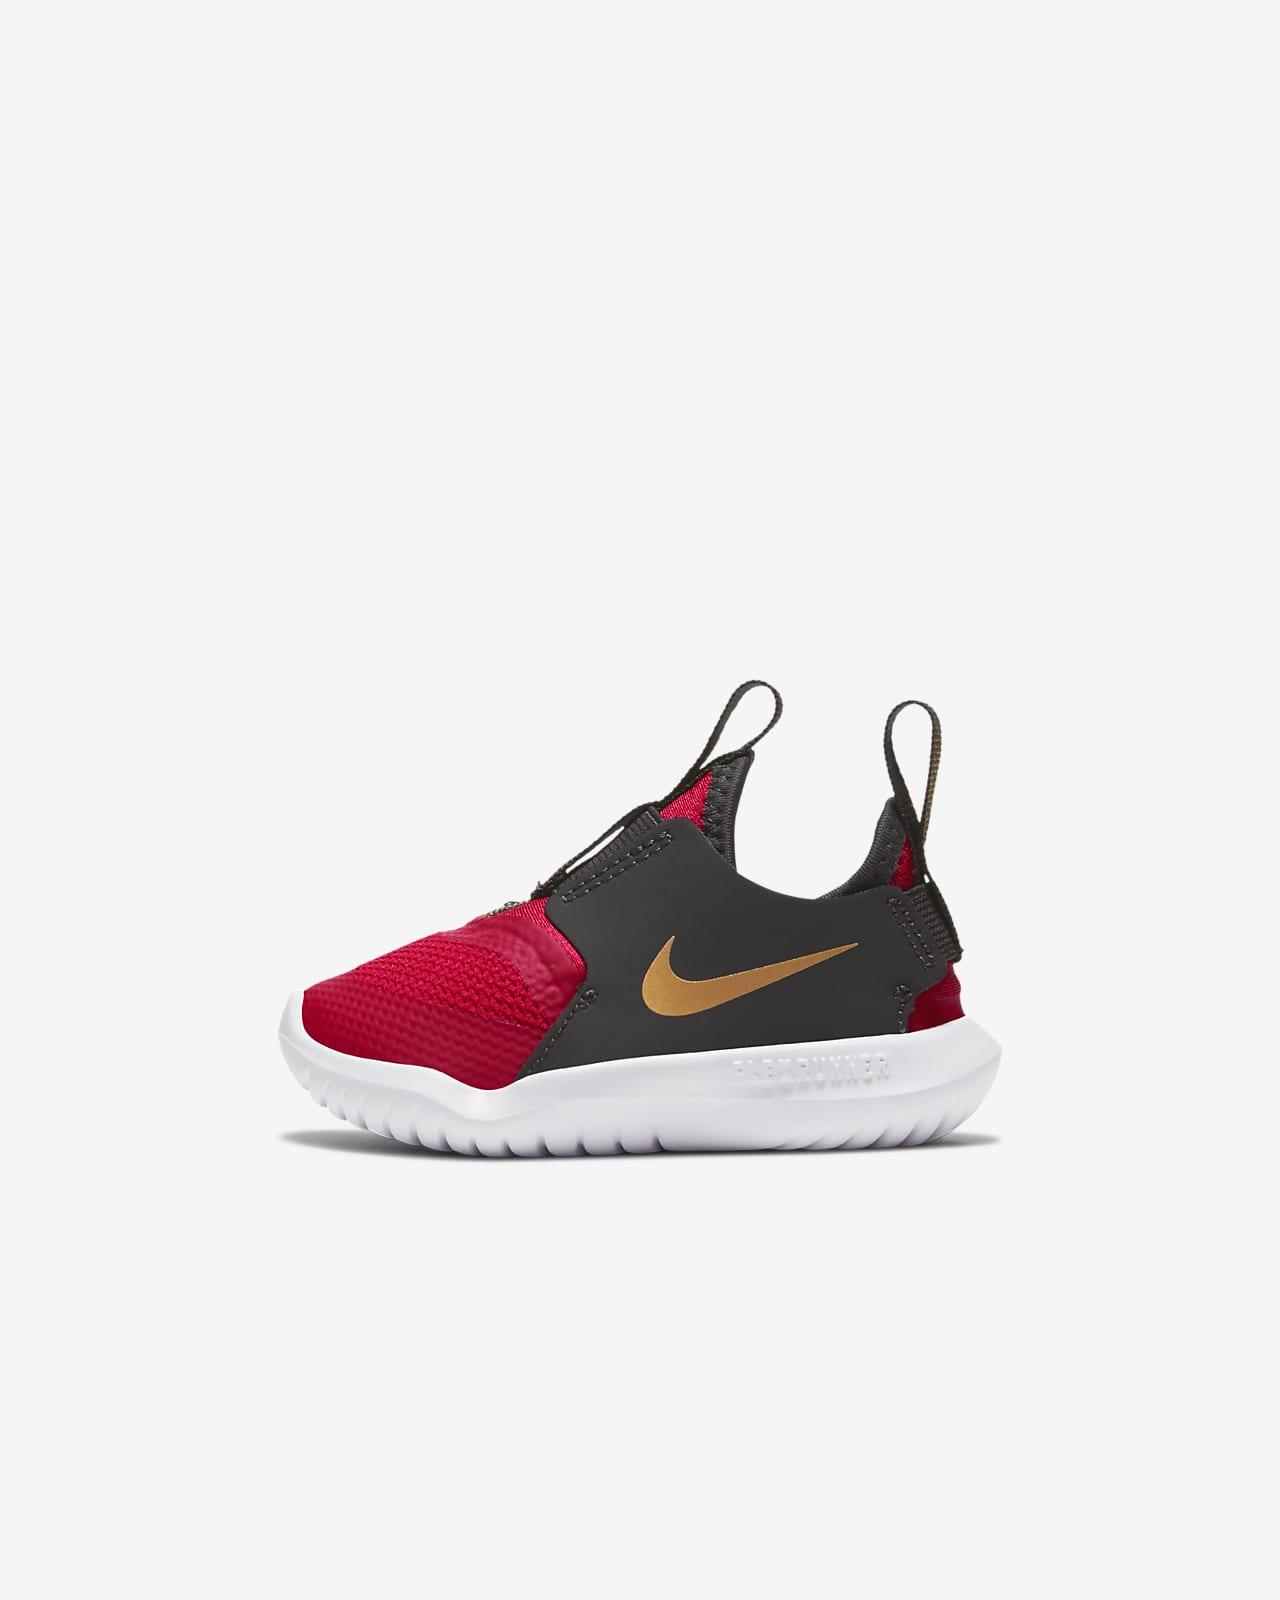 Nike Flex Runner Baby/Toddler Shoe